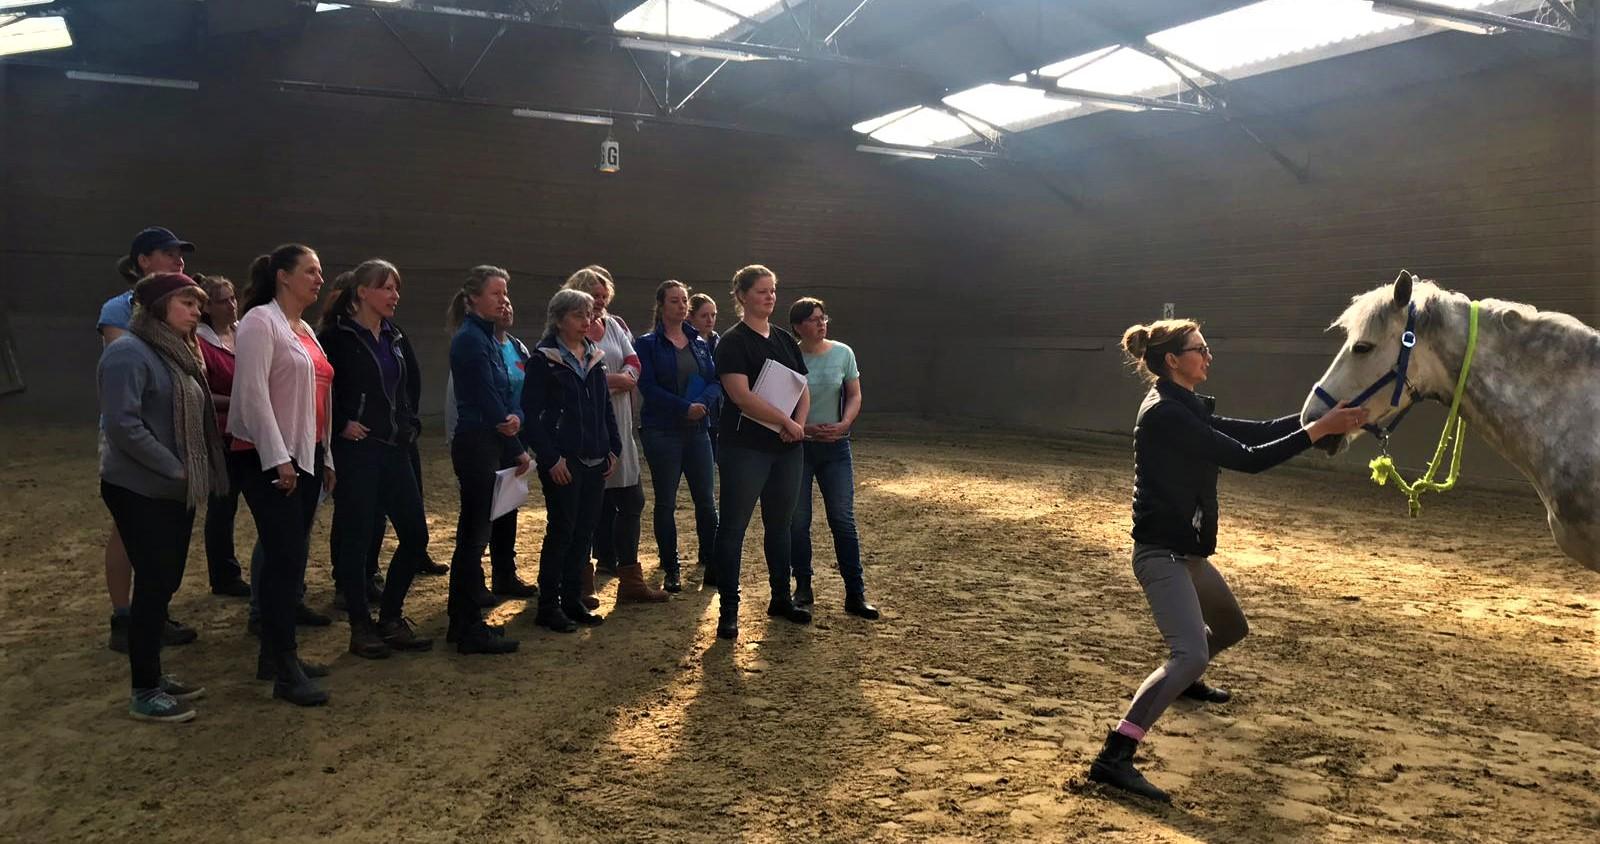 Een unieke opleiding - Er is veel aandacht voor de specifieke Cranio-Sacrale technieken en het gaan leren voelen van de verschillende lichaamsritmes. Naast de Cranio-Sacrale technieken, is er ook veel aandacht voor de totale gezondheid van het gehele paard. Je leert over voeding, de spijsvertering en veel voorkomende ziektes bij paarden die je als therapeut tegenkomt. Wat kan je zelf en wanneer verwijs je door? Hier op de juiste wijze advies in geven en naar handelen is wat het verschil maakt in het resultaat van je behandeling!Zo krijg je echt de ervaring en het gevoel wat nodig is om straks alleen te gaan werken, wat deze opleiding uniek en anders maakt.